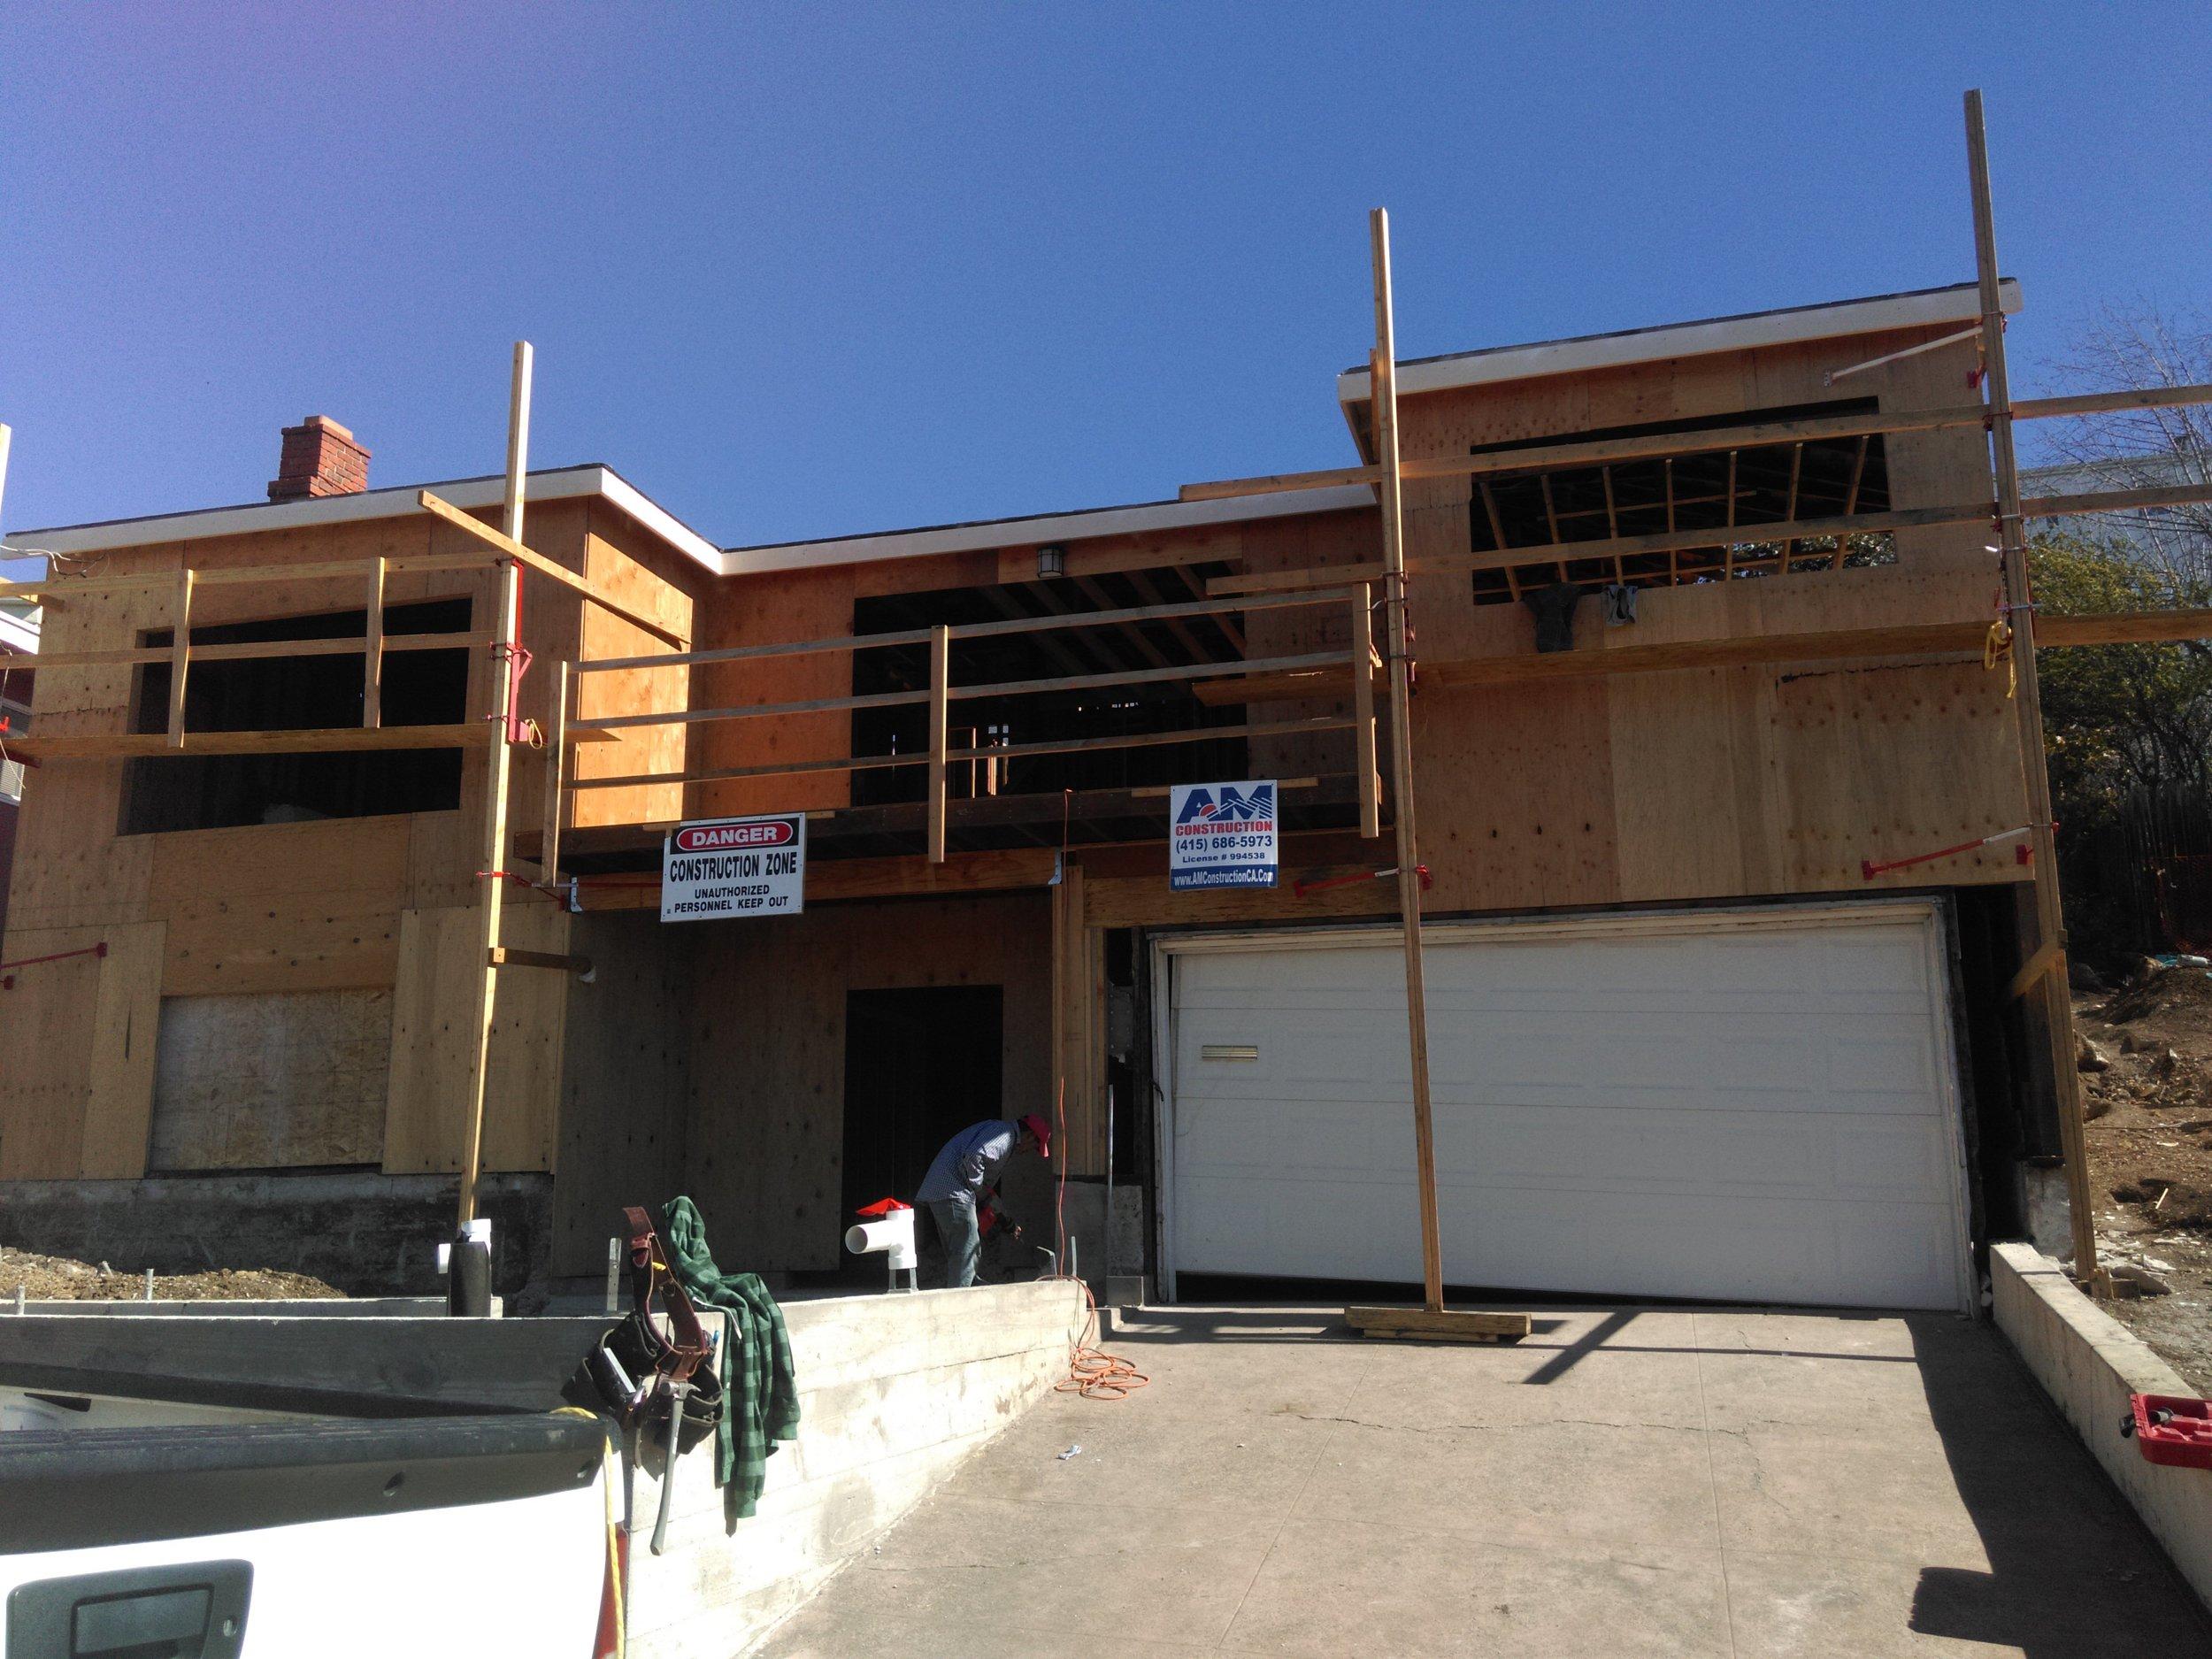 el-cerrito-construction-loan